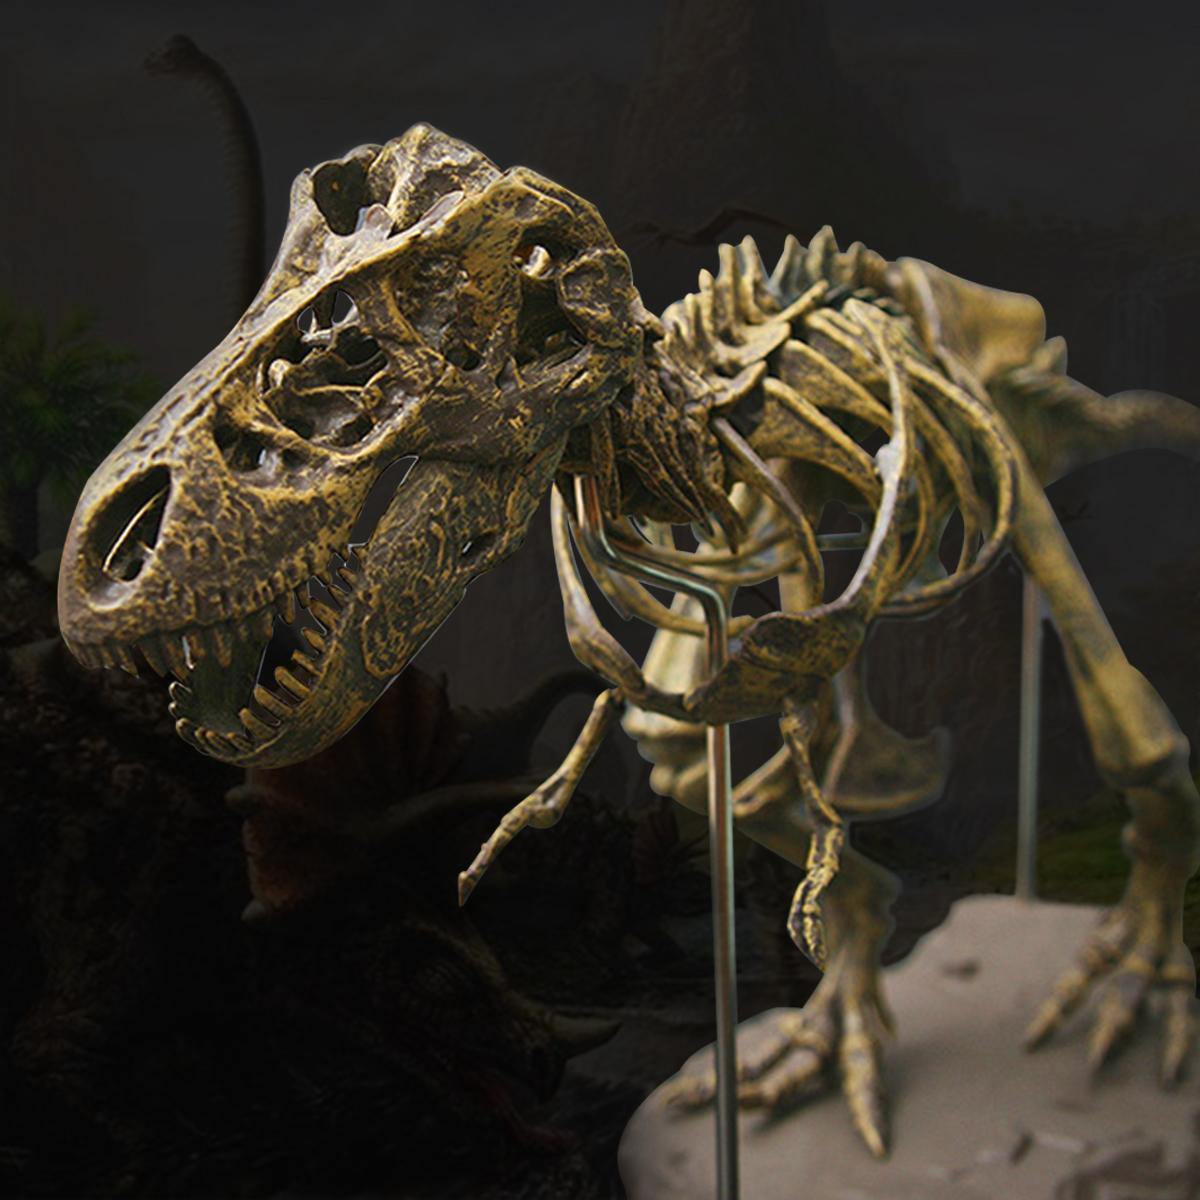 Юрские Динозавры Тиранозавр Рекс Скелет Trex Модель Животных Детские Игрушки Подарок